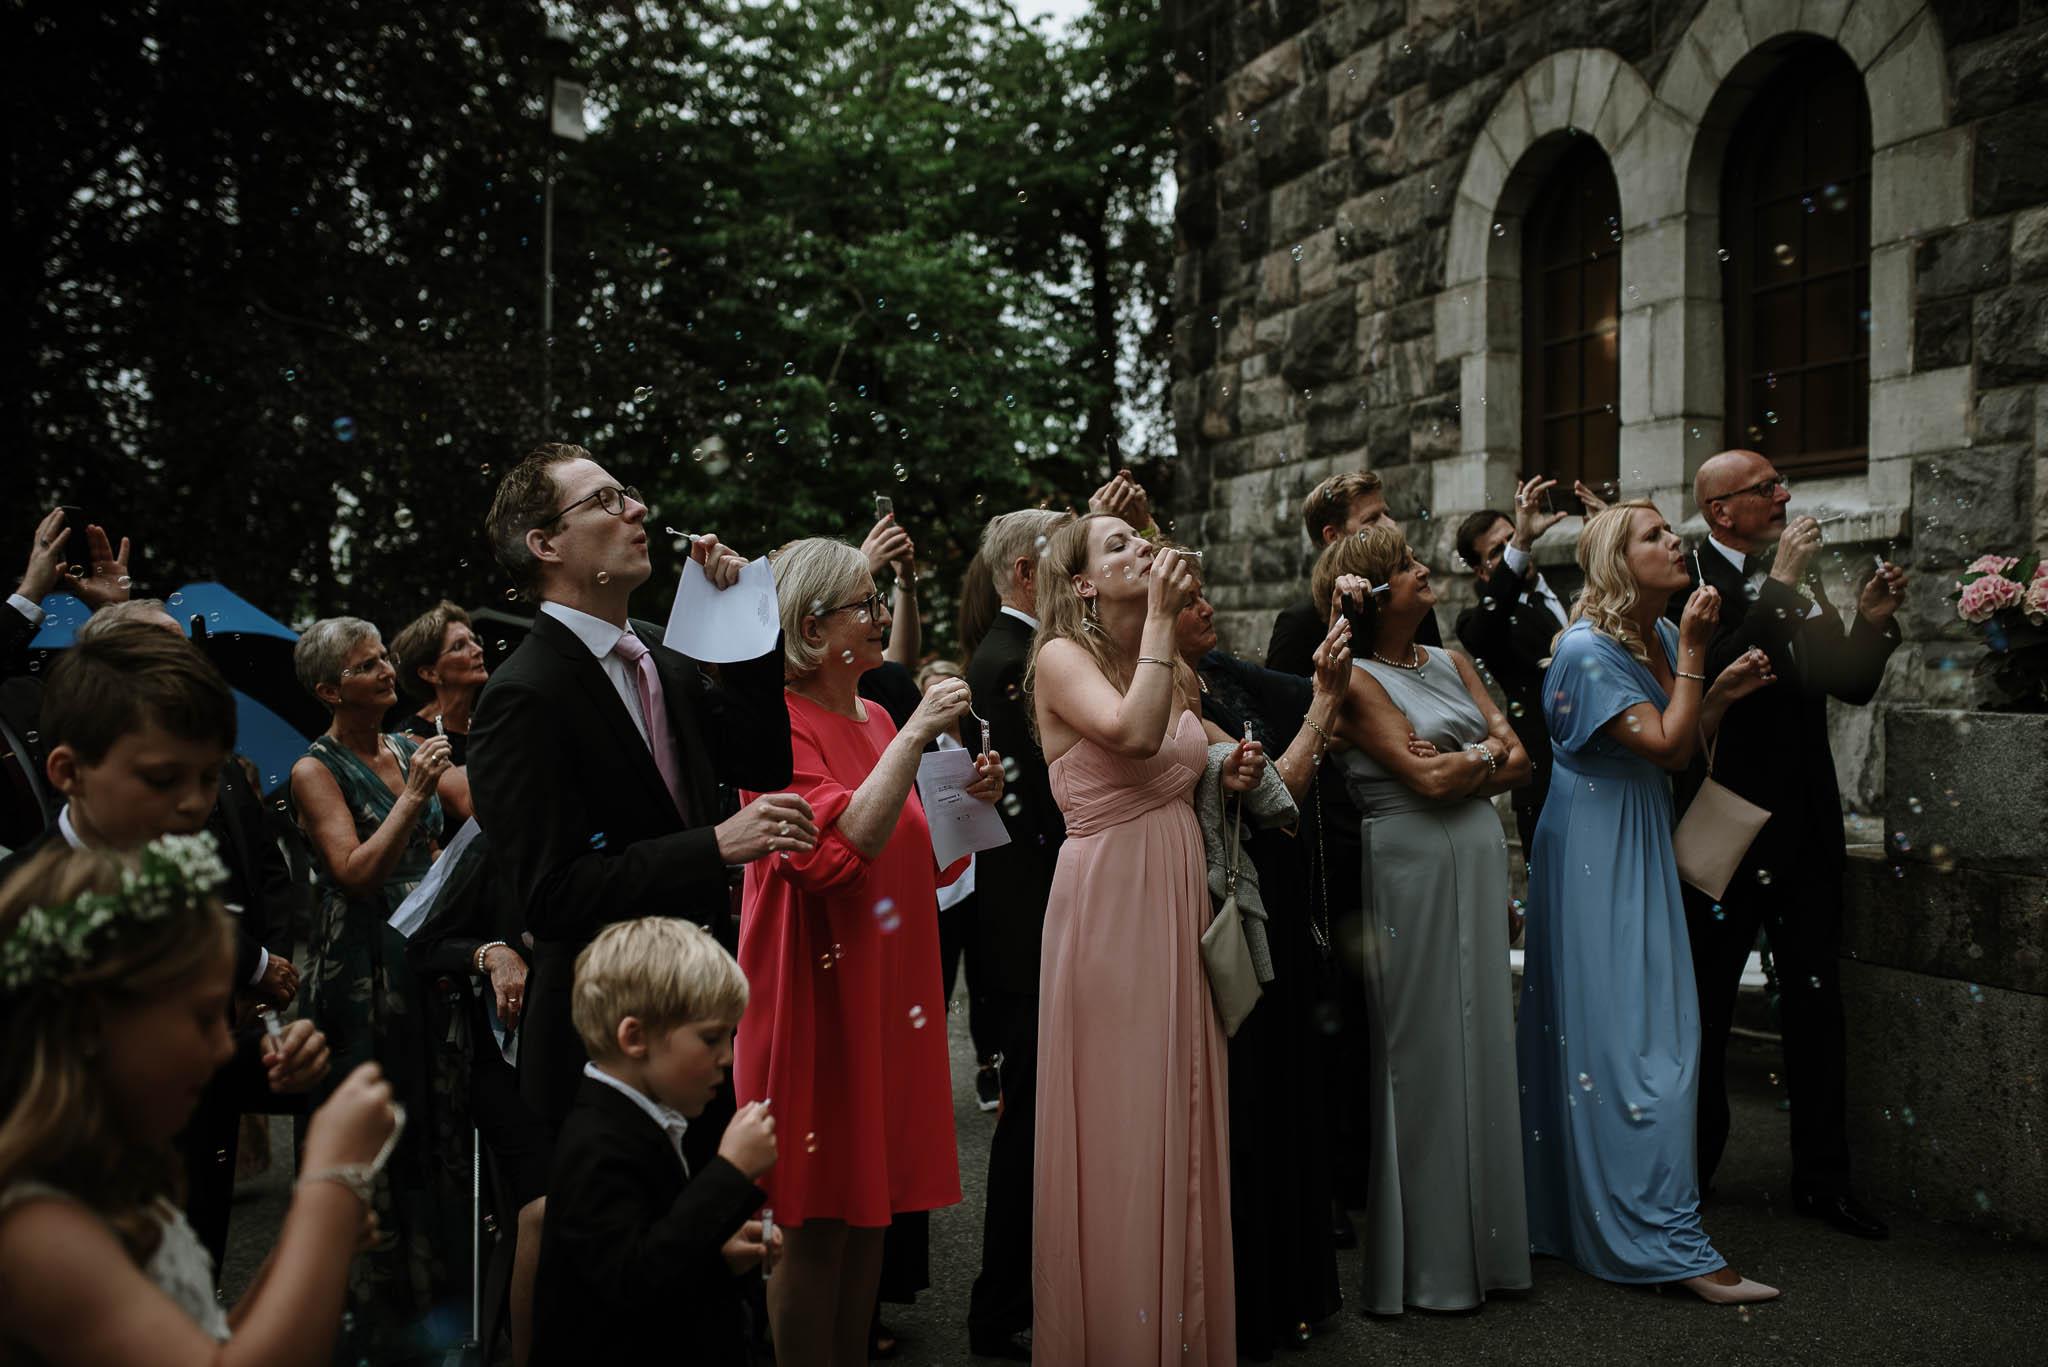 Bryllupsfotograf i Drammen - bryllup i Ålesund - Øygardshallen bryllup-56.jpg